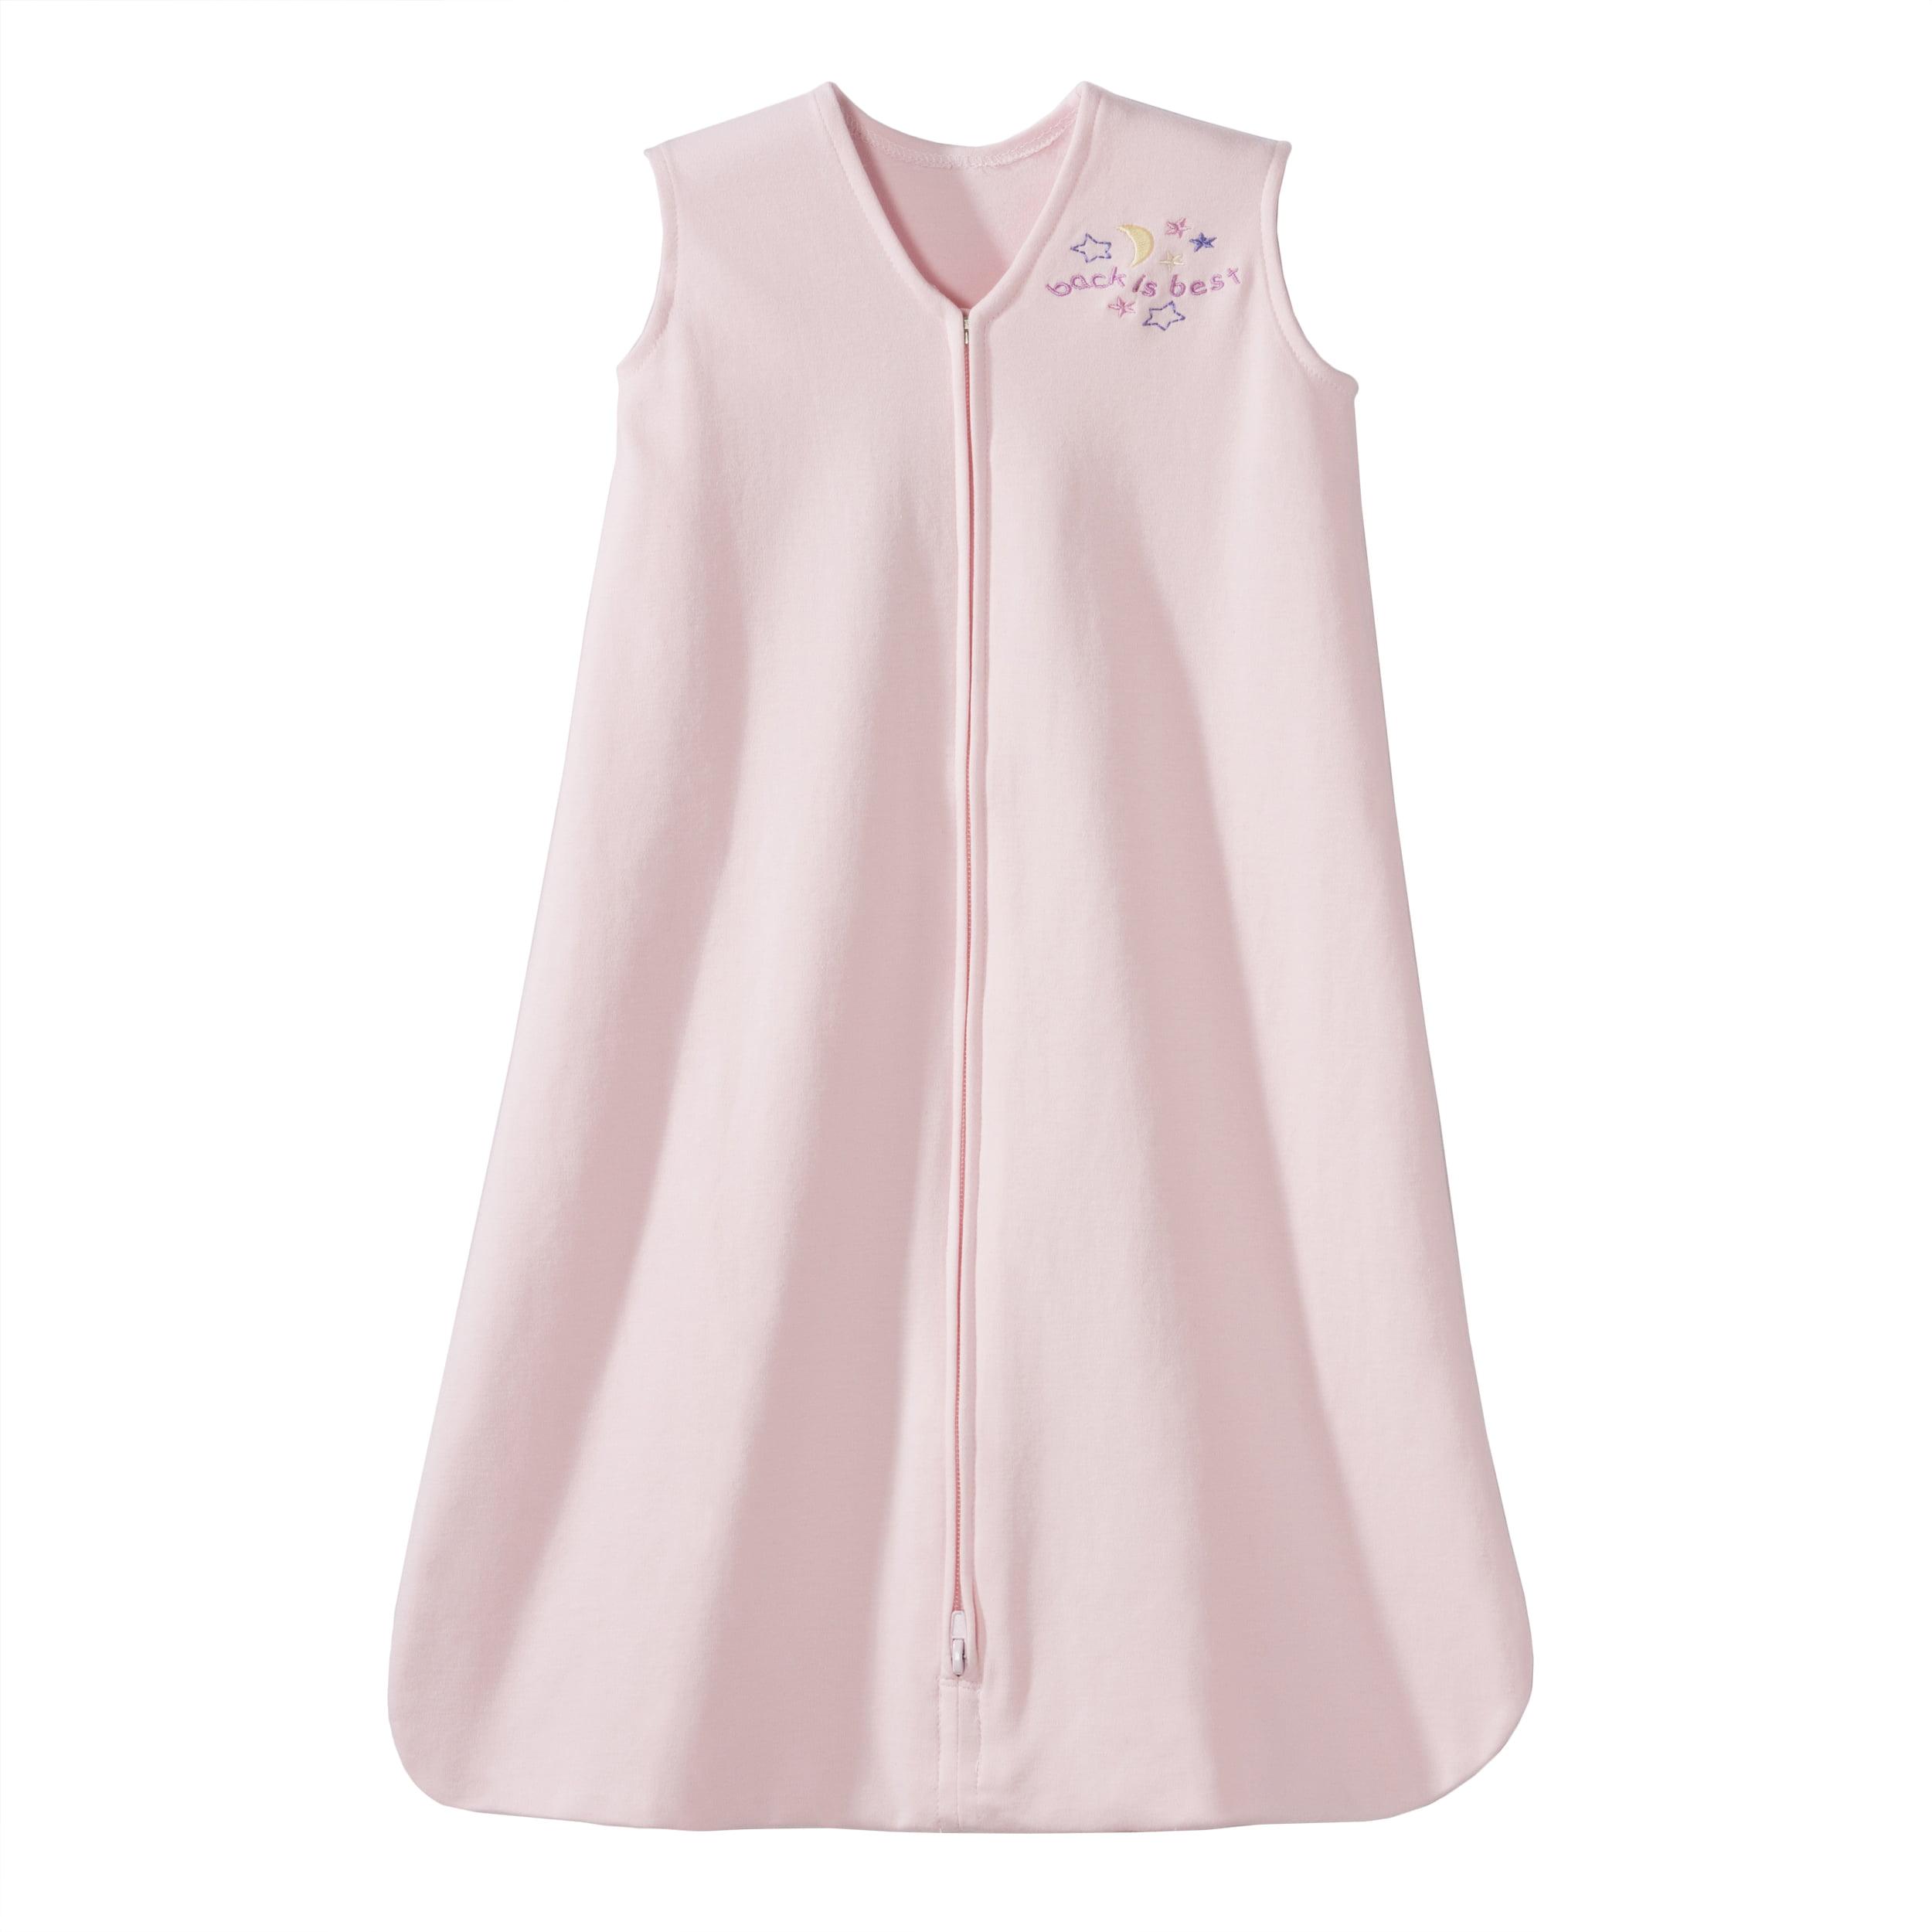 HALO SleepSack Wearable Blanket, Cotton